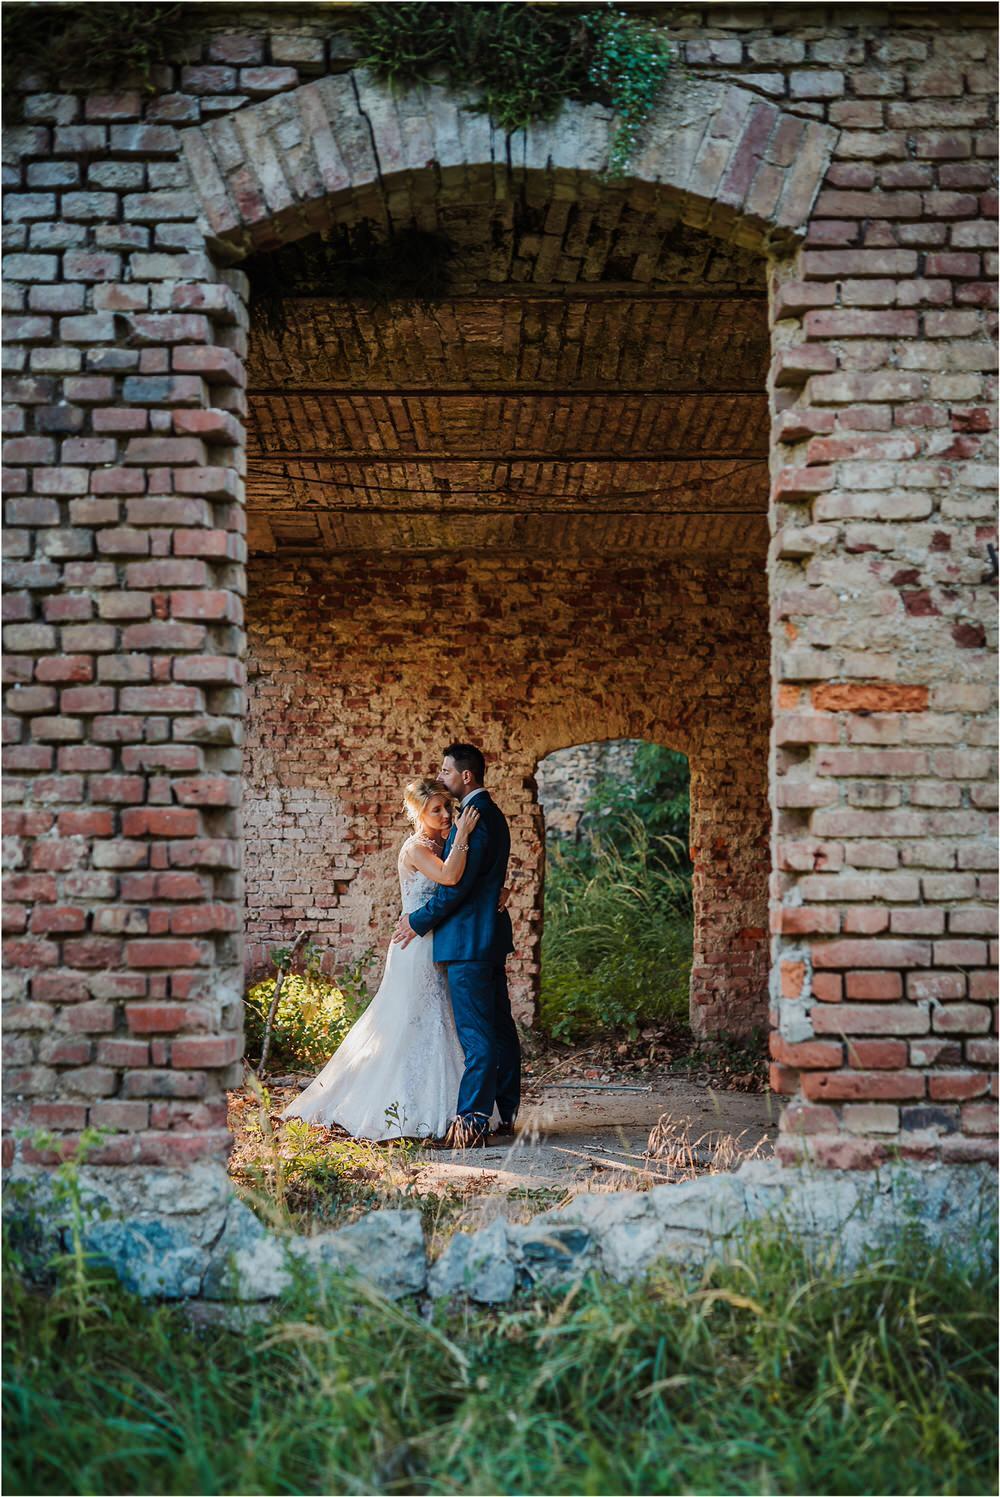 slovenia maribor wedding goriska brda poroka porocni fotograf slovenija porocno fotografiranje maribor ljubljana zemono svicarija 0060.jpg